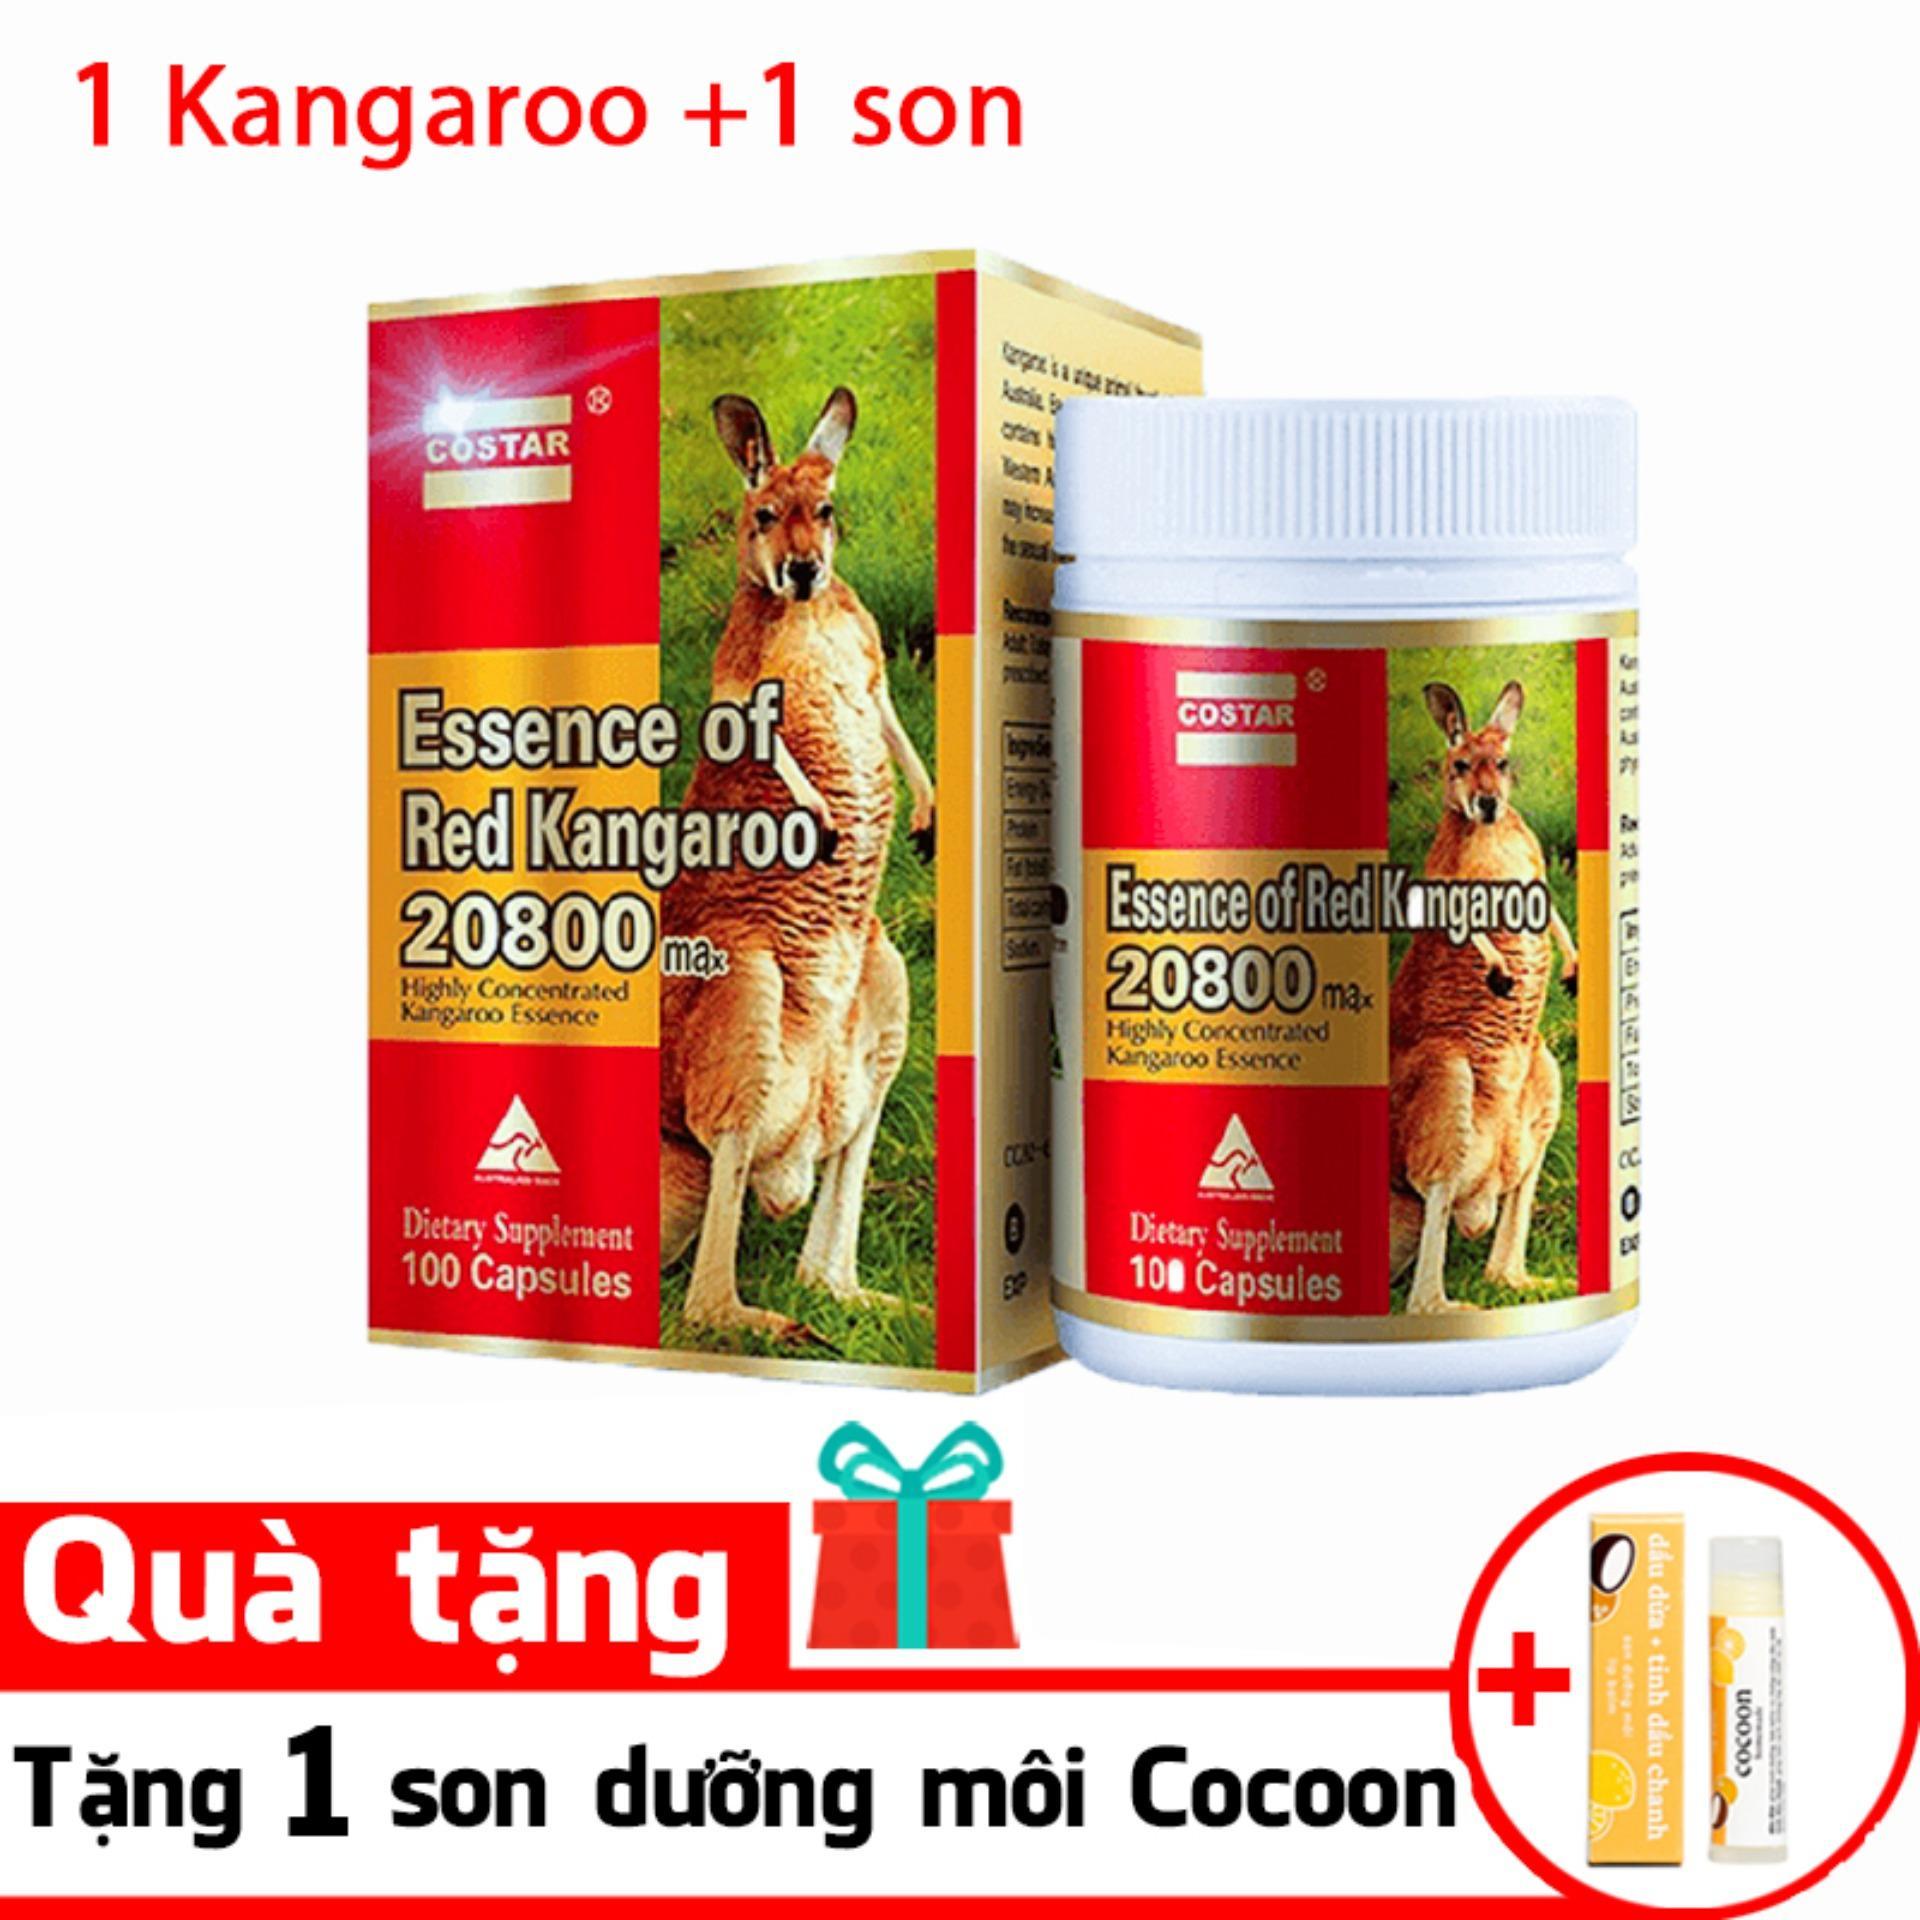 Essence of Red Kangaroo 20800 Max9 ( Tặng 1 son dưỡng) nhập khẩu